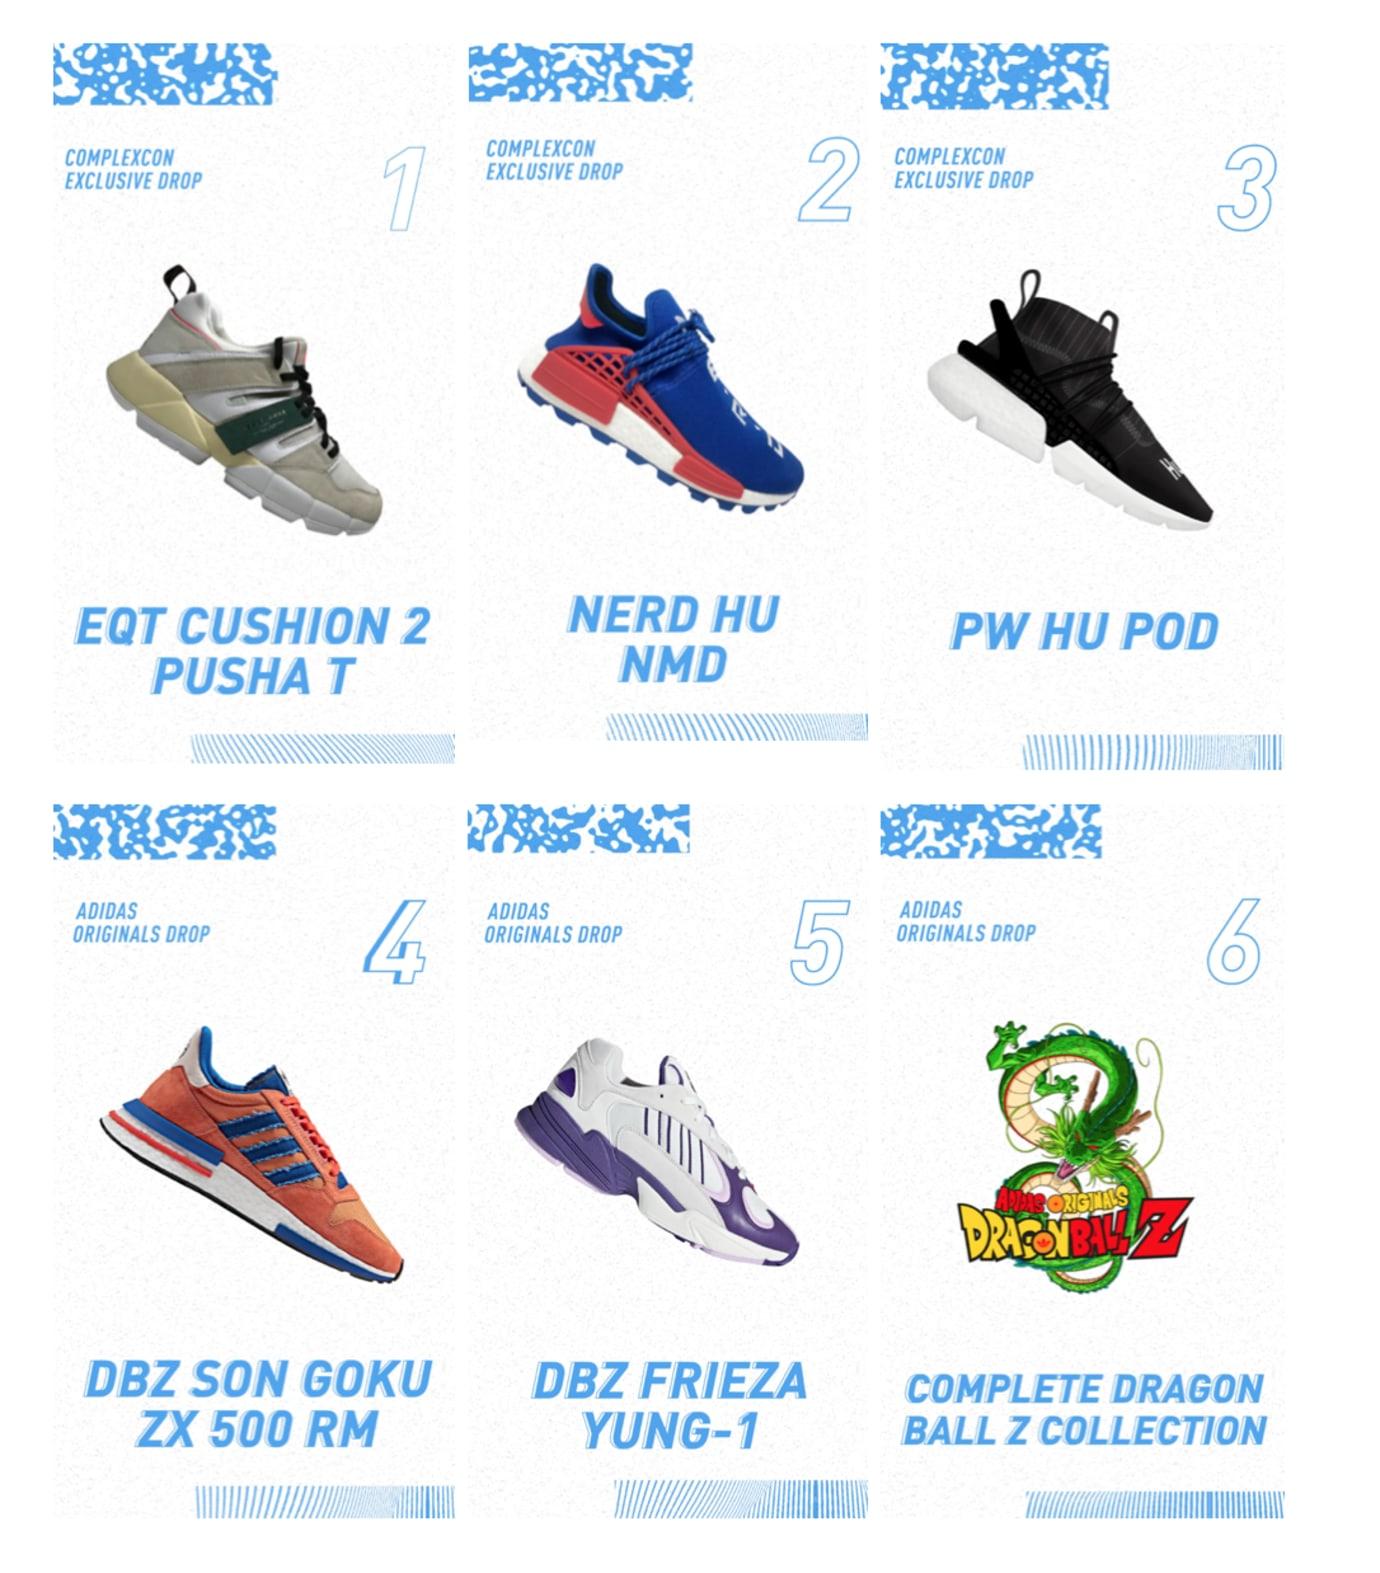 Adidas Originals x ComplexCon 3